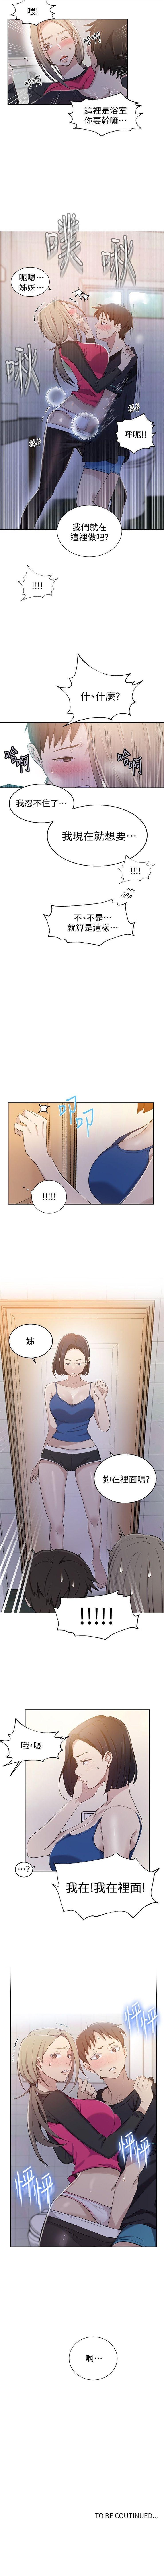 (週6)秘密教學  1-35 中文翻譯 (更新中) 212